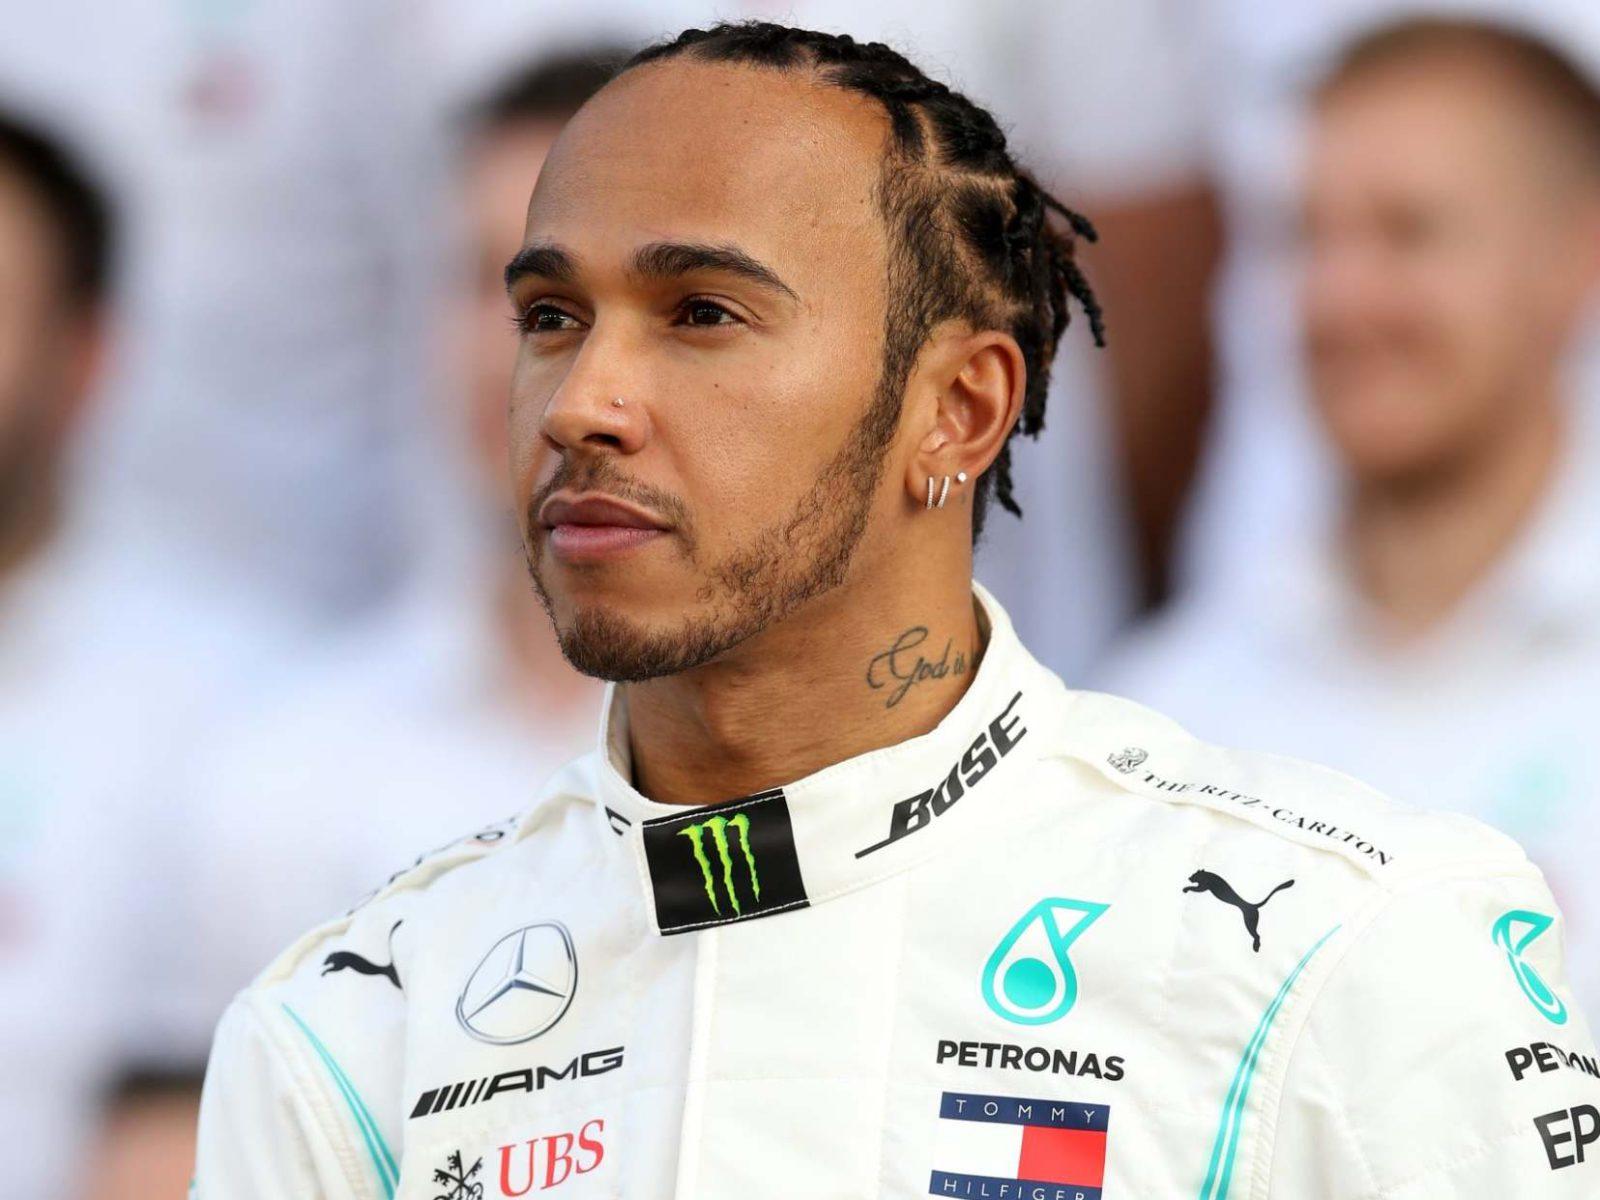 Lewis Hamilton promoverá la diversidad racial a través de una nueva asociación